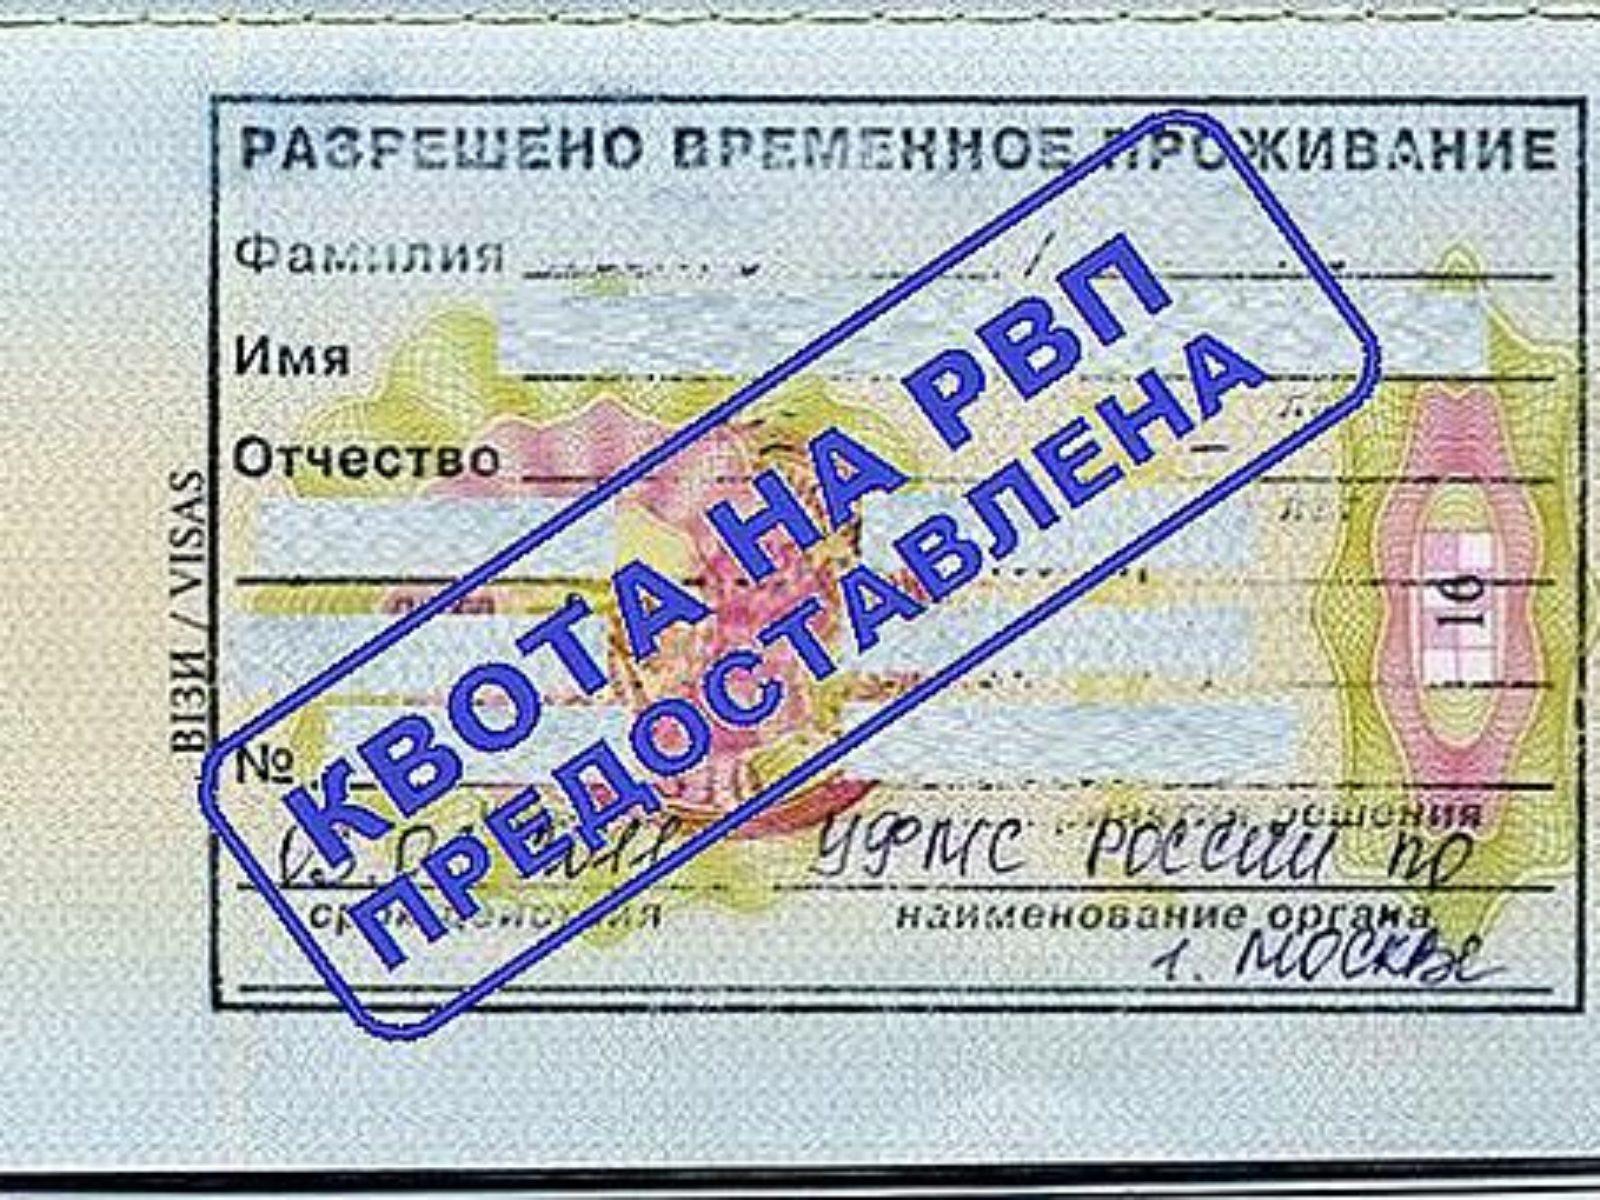 Квота на РВП 2019-2020 ☛ помощь в получение квоты в Москве и МО